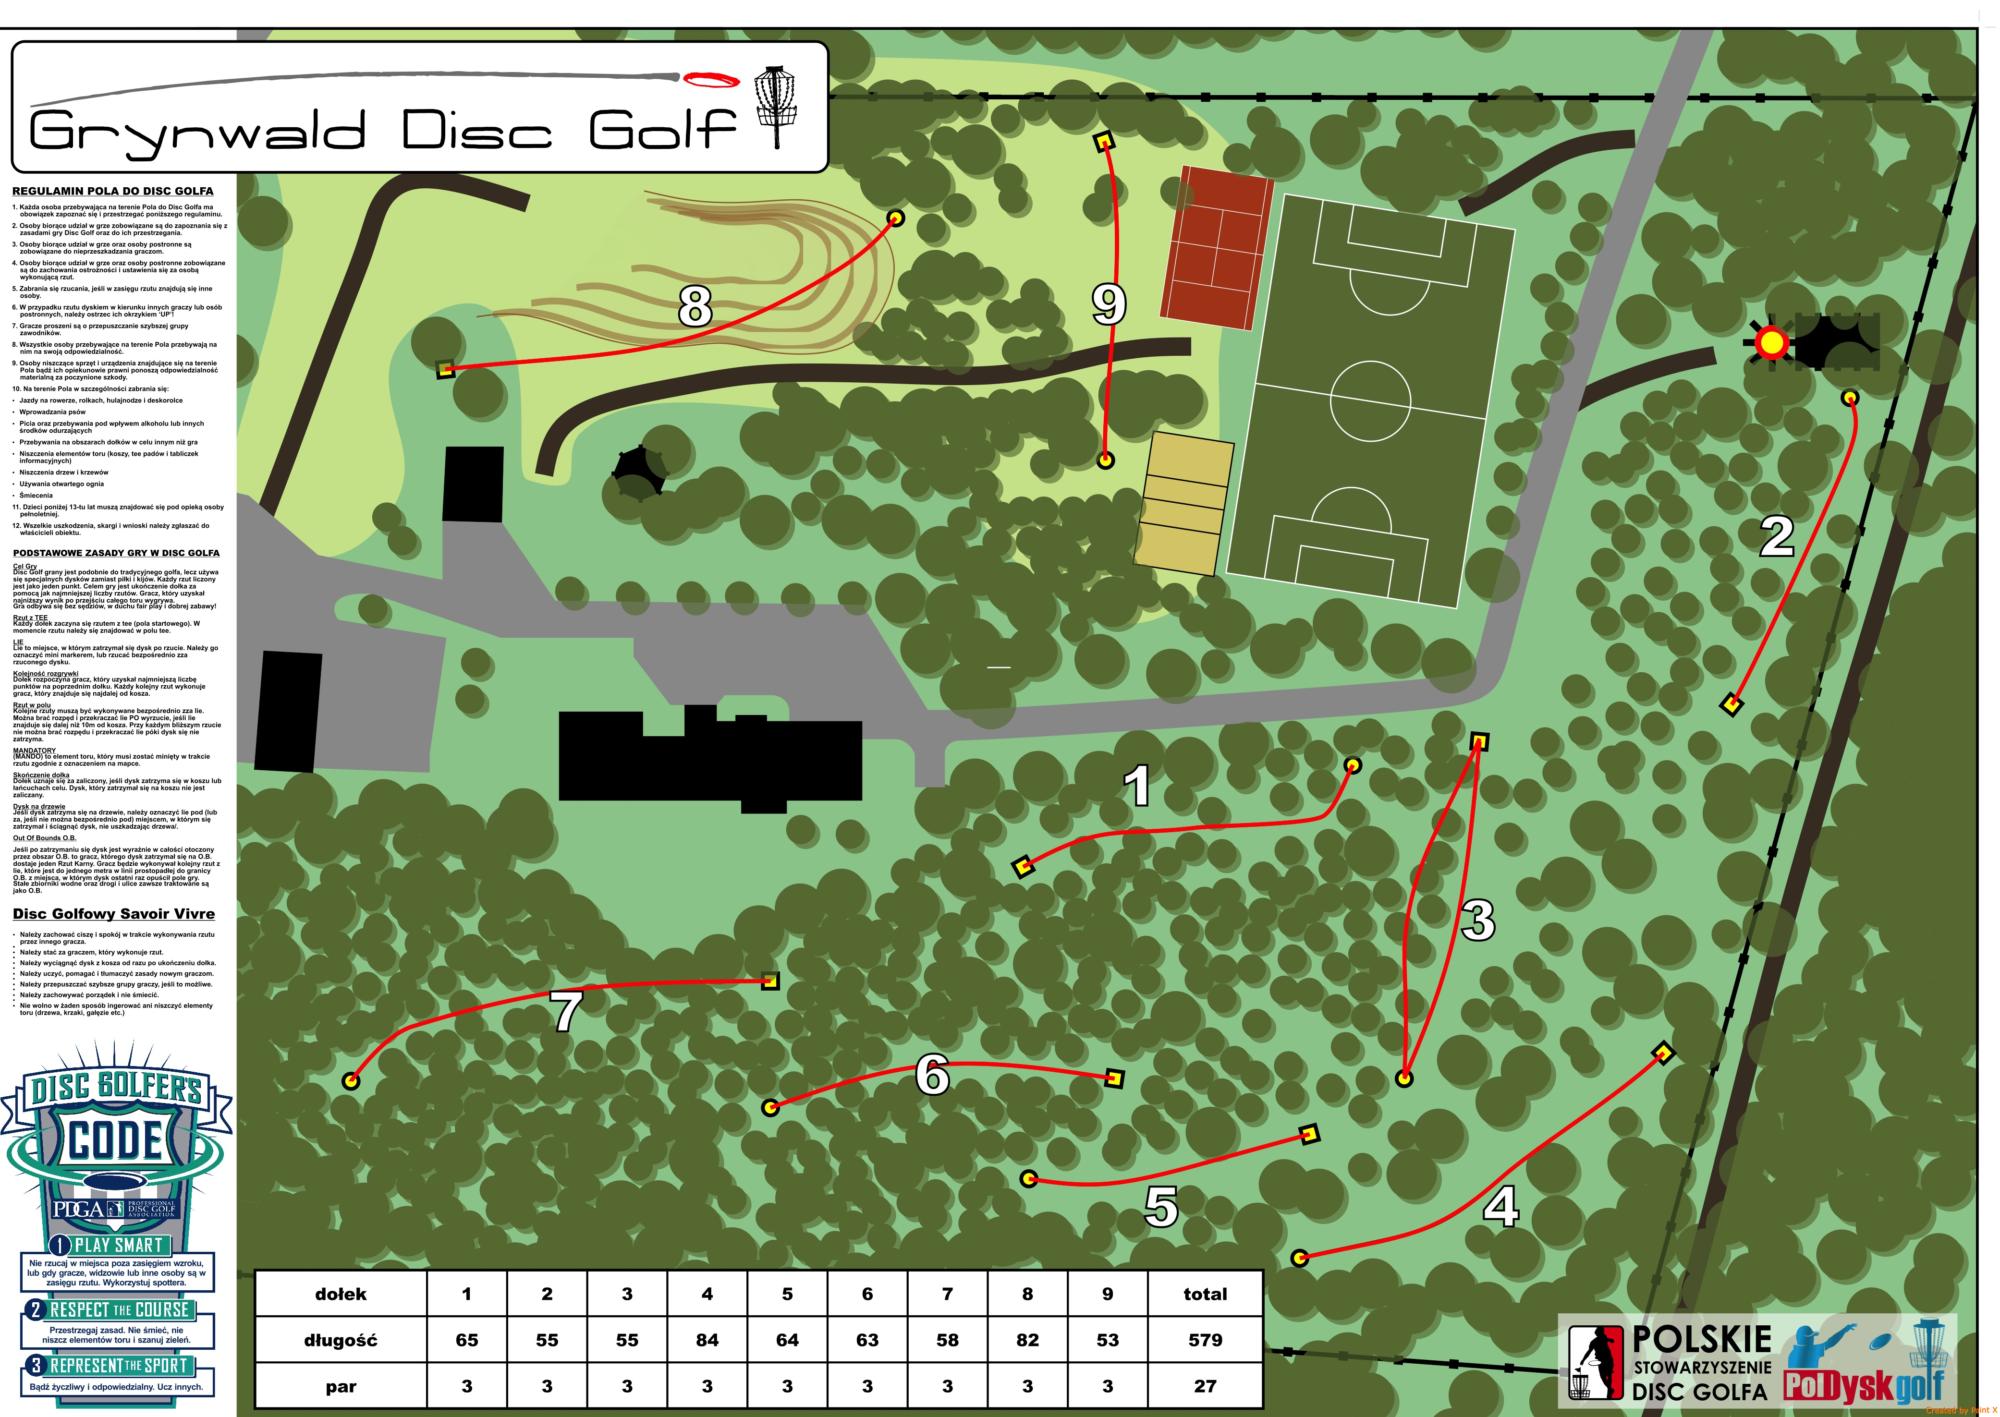 Pole do Disc Golfa w Agroturystyce Grynwald woj. Świętokrzyskie